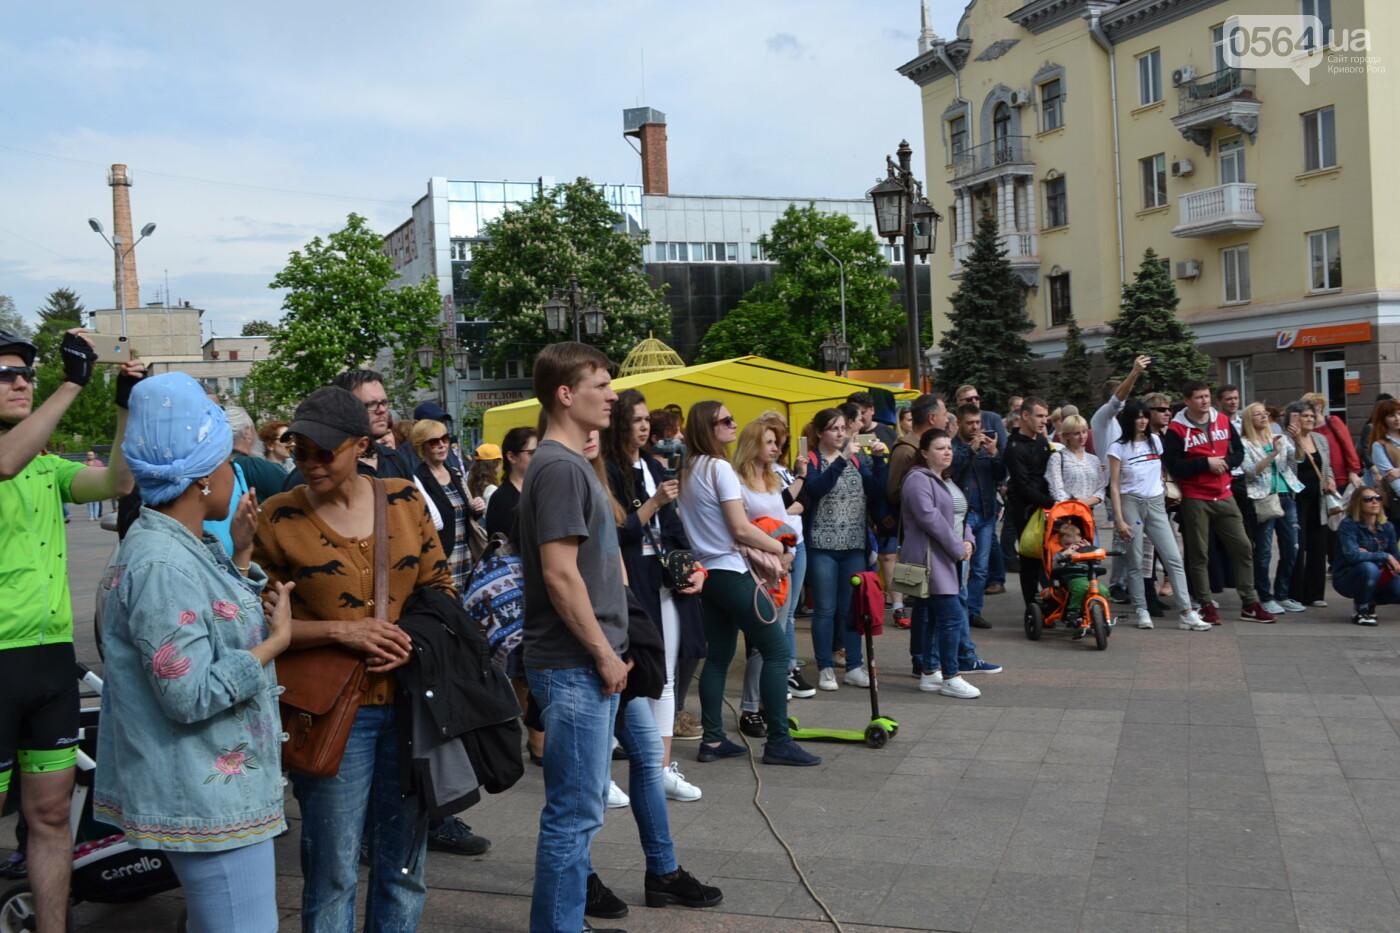 Играют все: на проспекте Почтовом в Кривом Роге проходит фестиваль уличной музыки, - ФОТО, ВИДЕО, фото-19